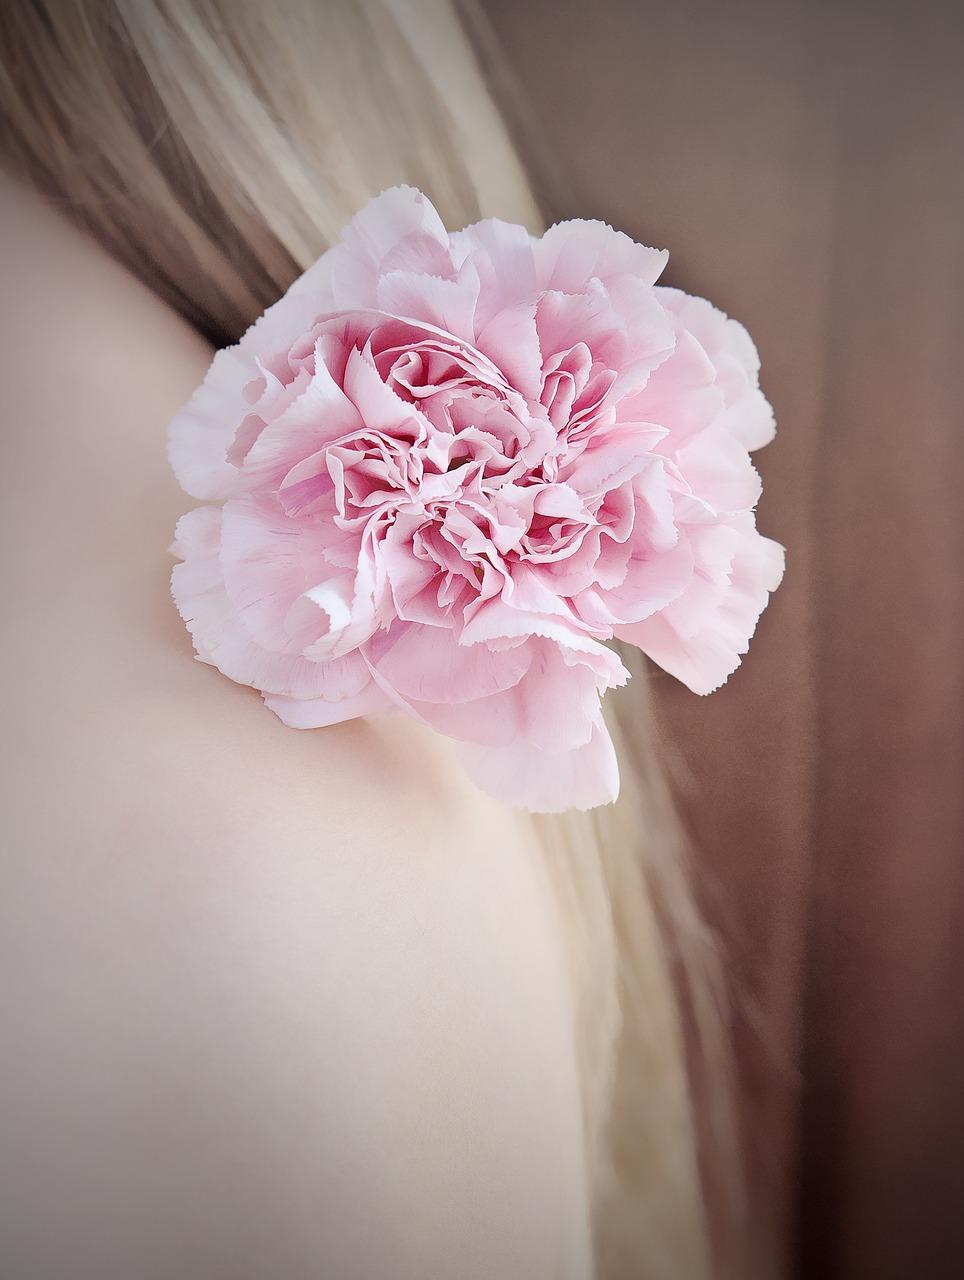 flower-1390664_1280